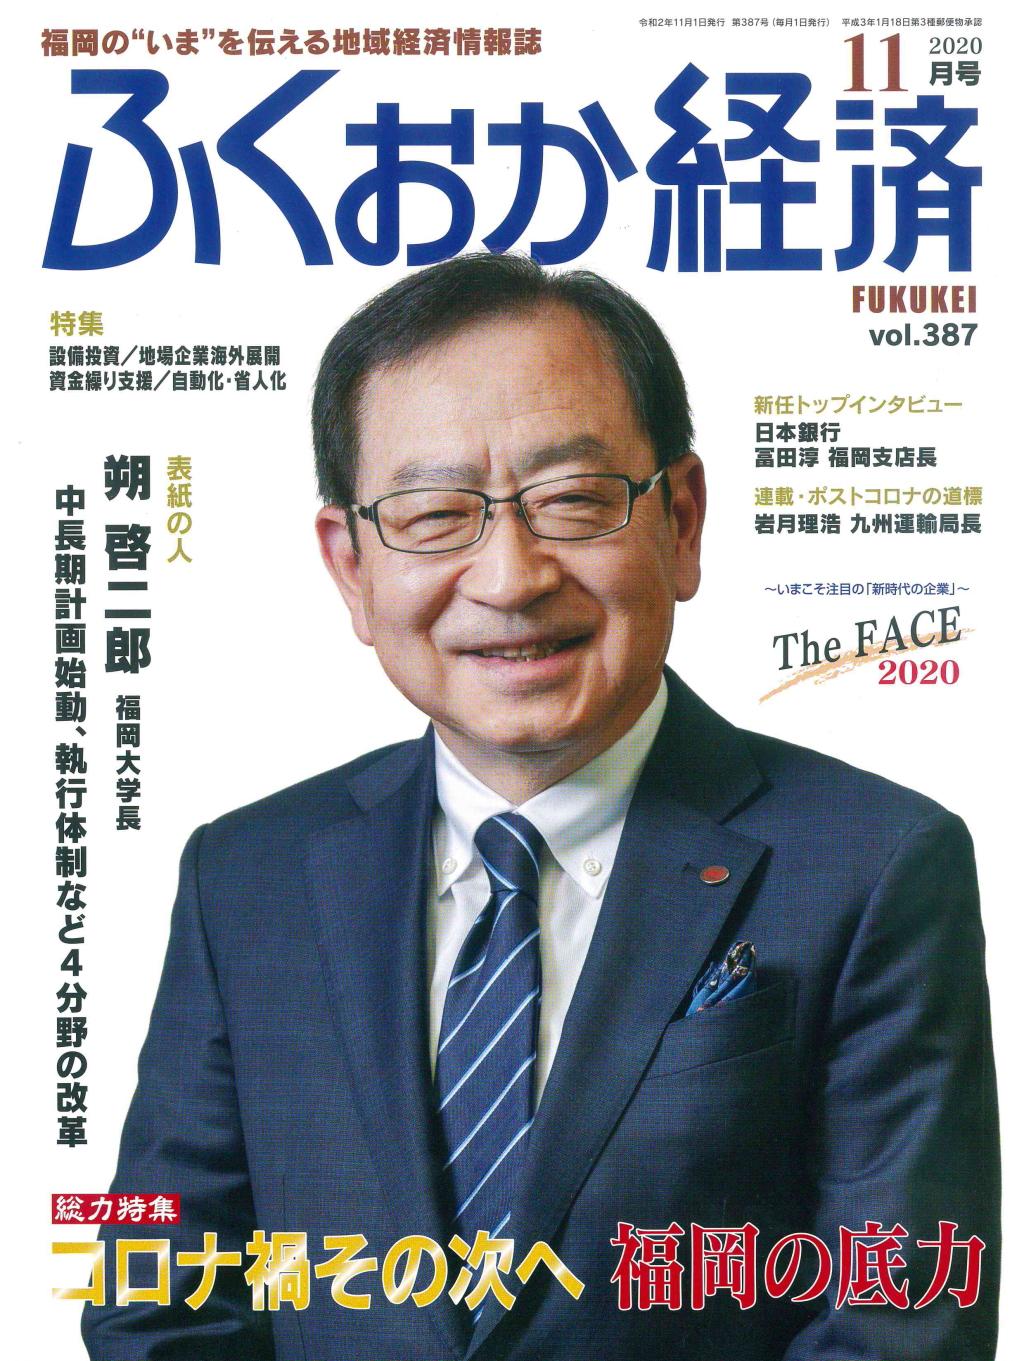 fukukei_202011_front